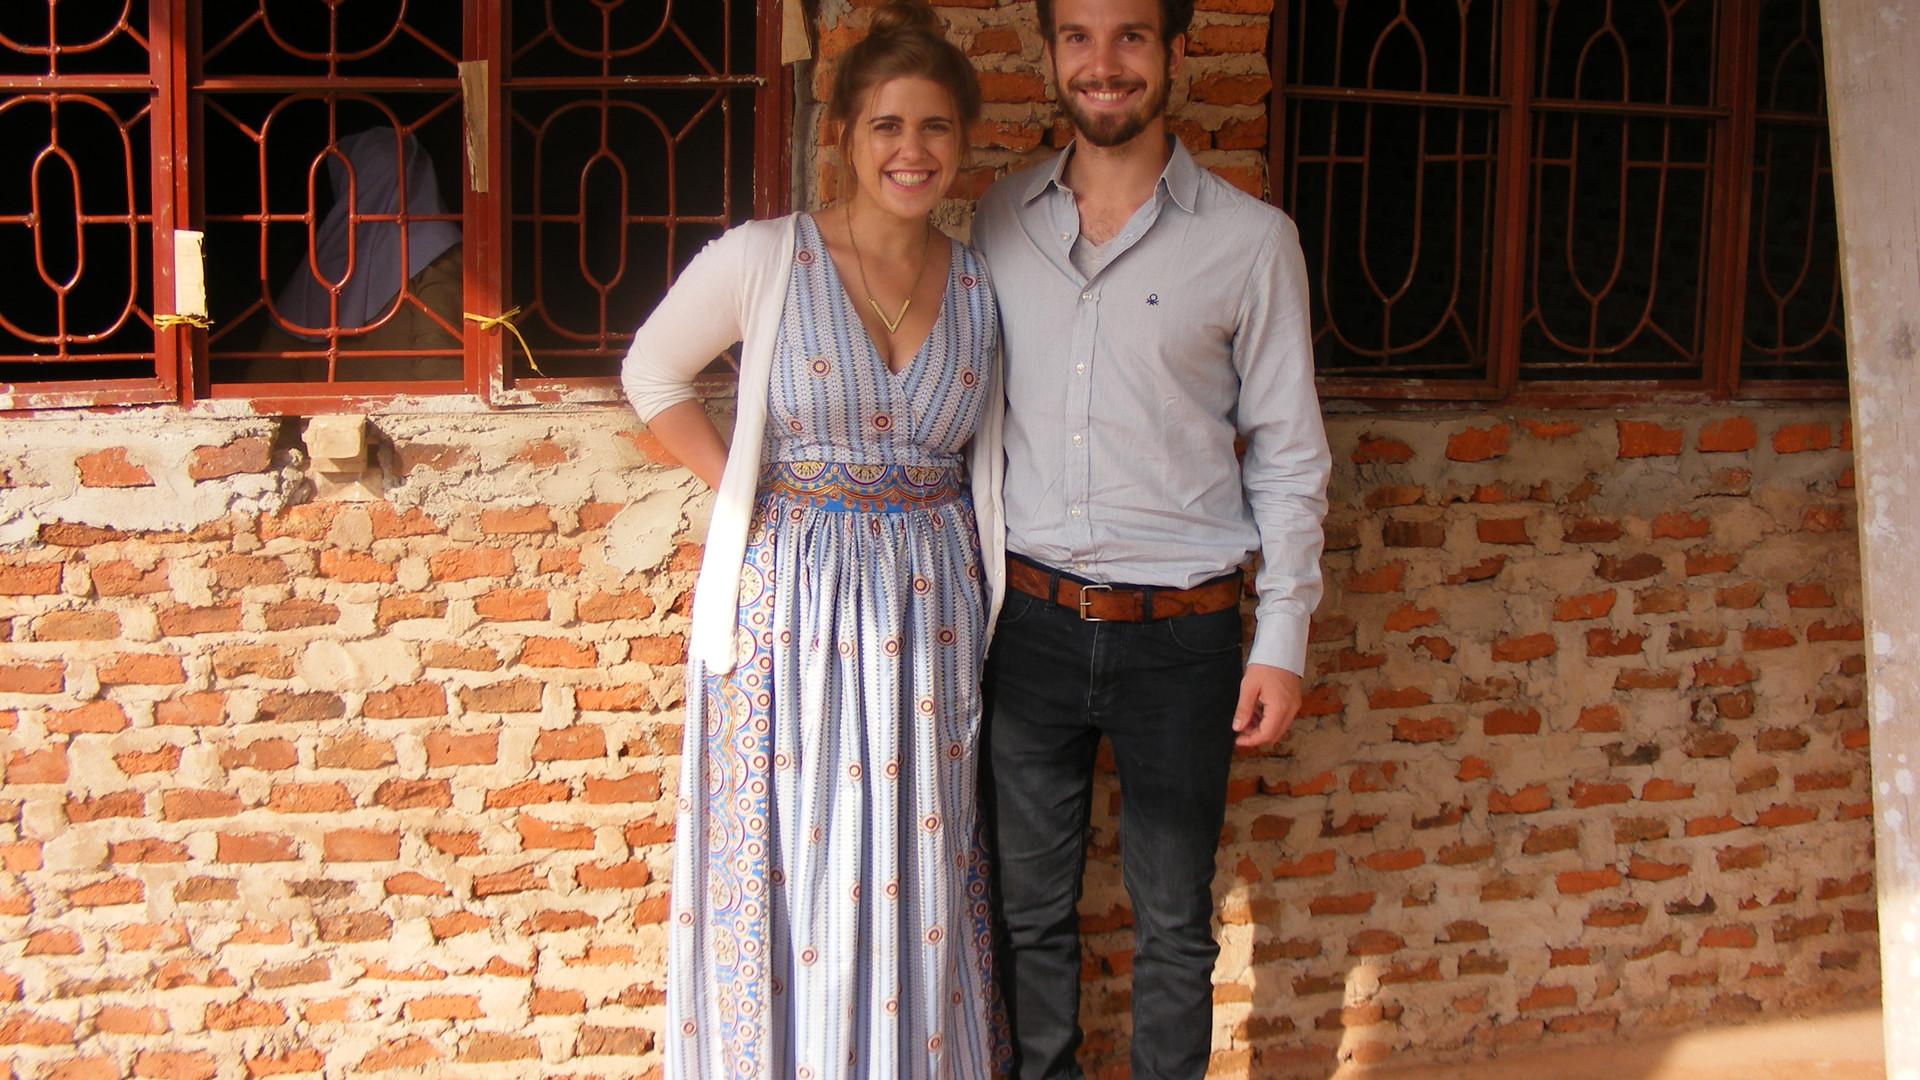 12/17 - Kathi und Felix am Tag der Offenen Tür in Chabalisa